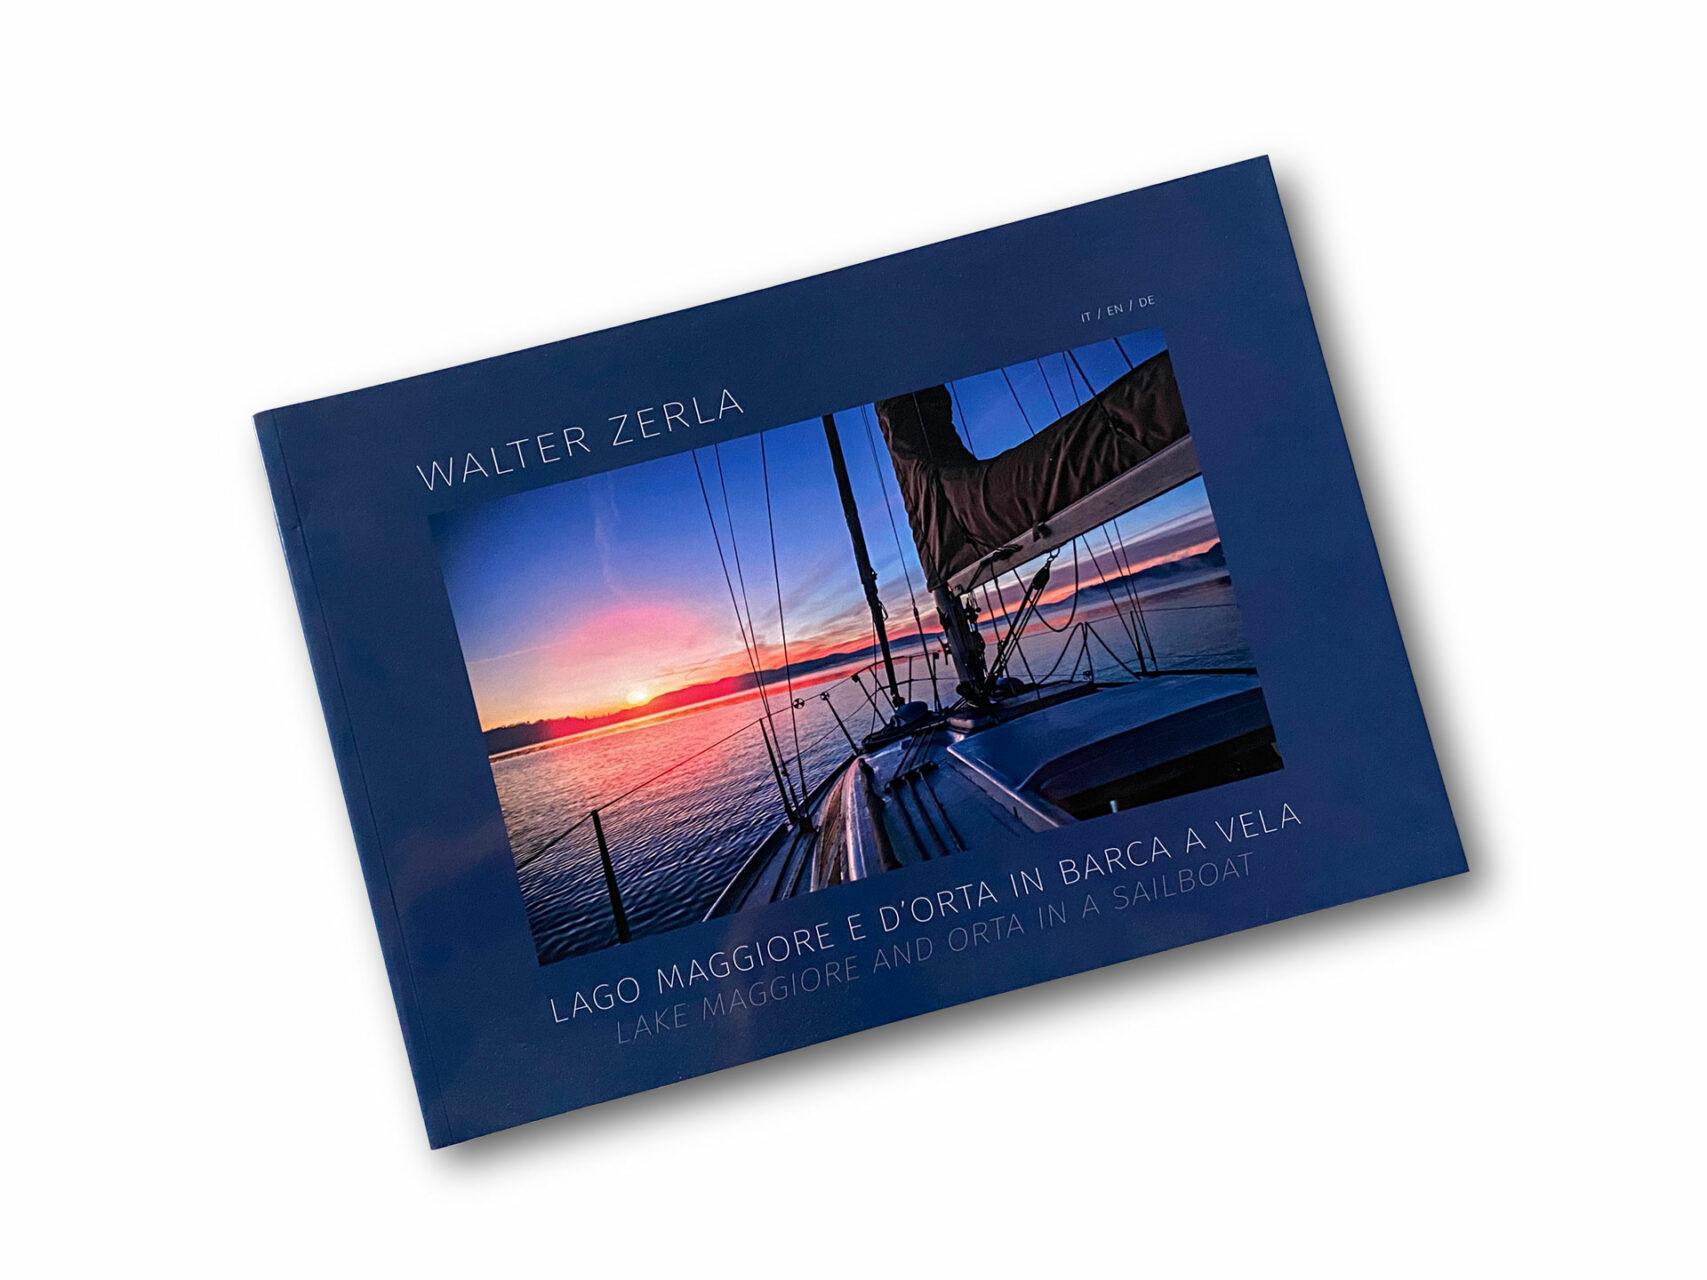 Lago Maggiore e Lago D'Orta von Walter Zerla, Cover © Eigenverlag, 2016